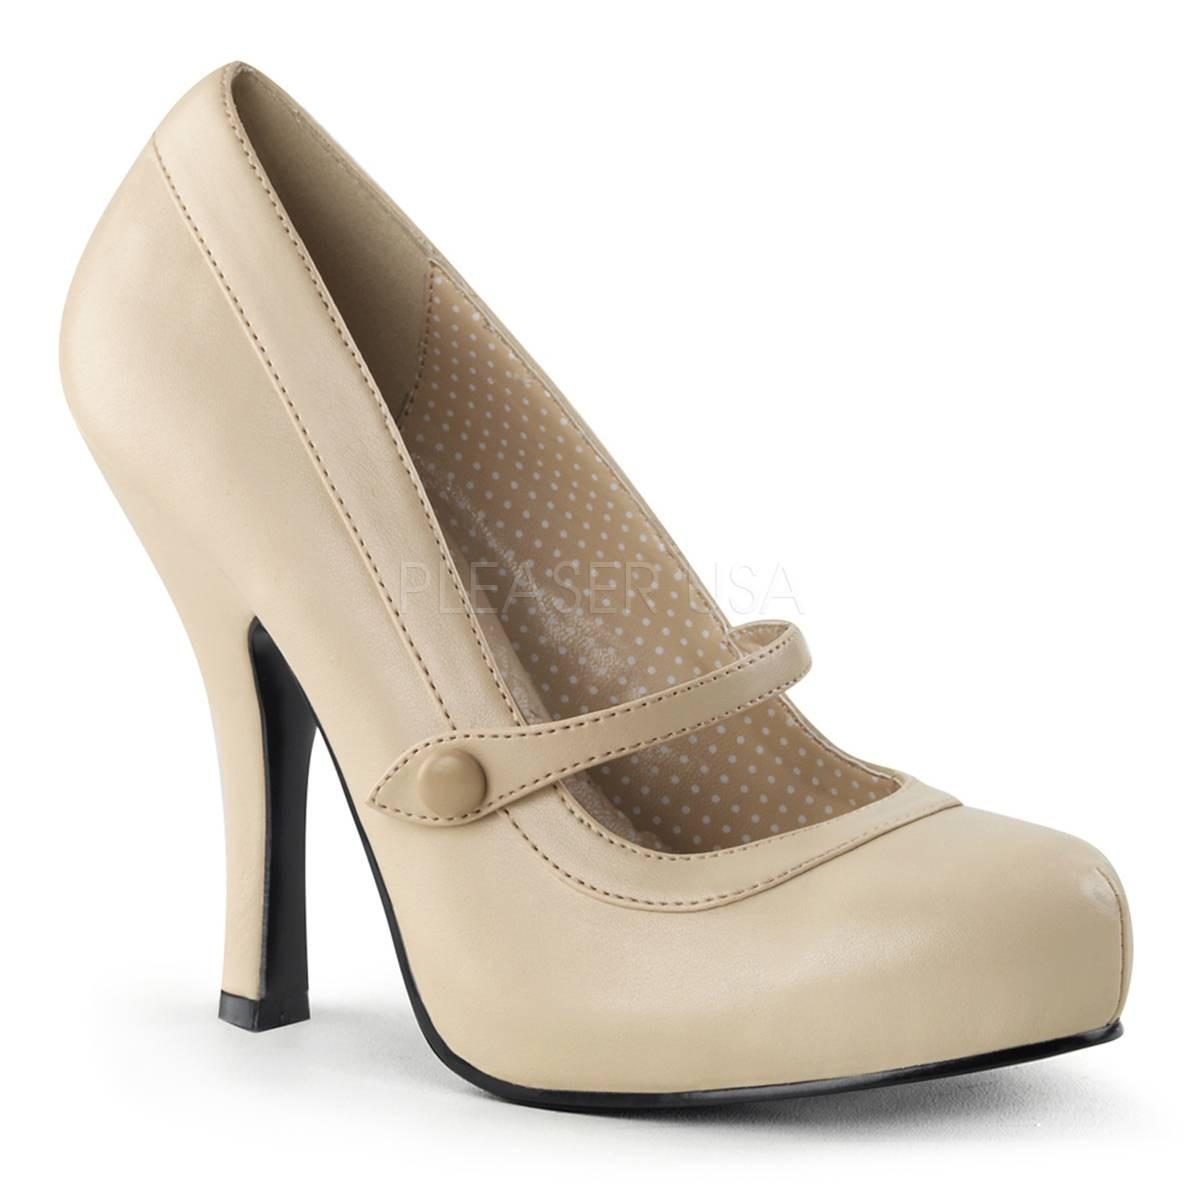 Pumps - CUTIEPIE 02 ° Damen Pumps ° Beige Matt ° Pin Up Couture  - Onlineshop RedSixty